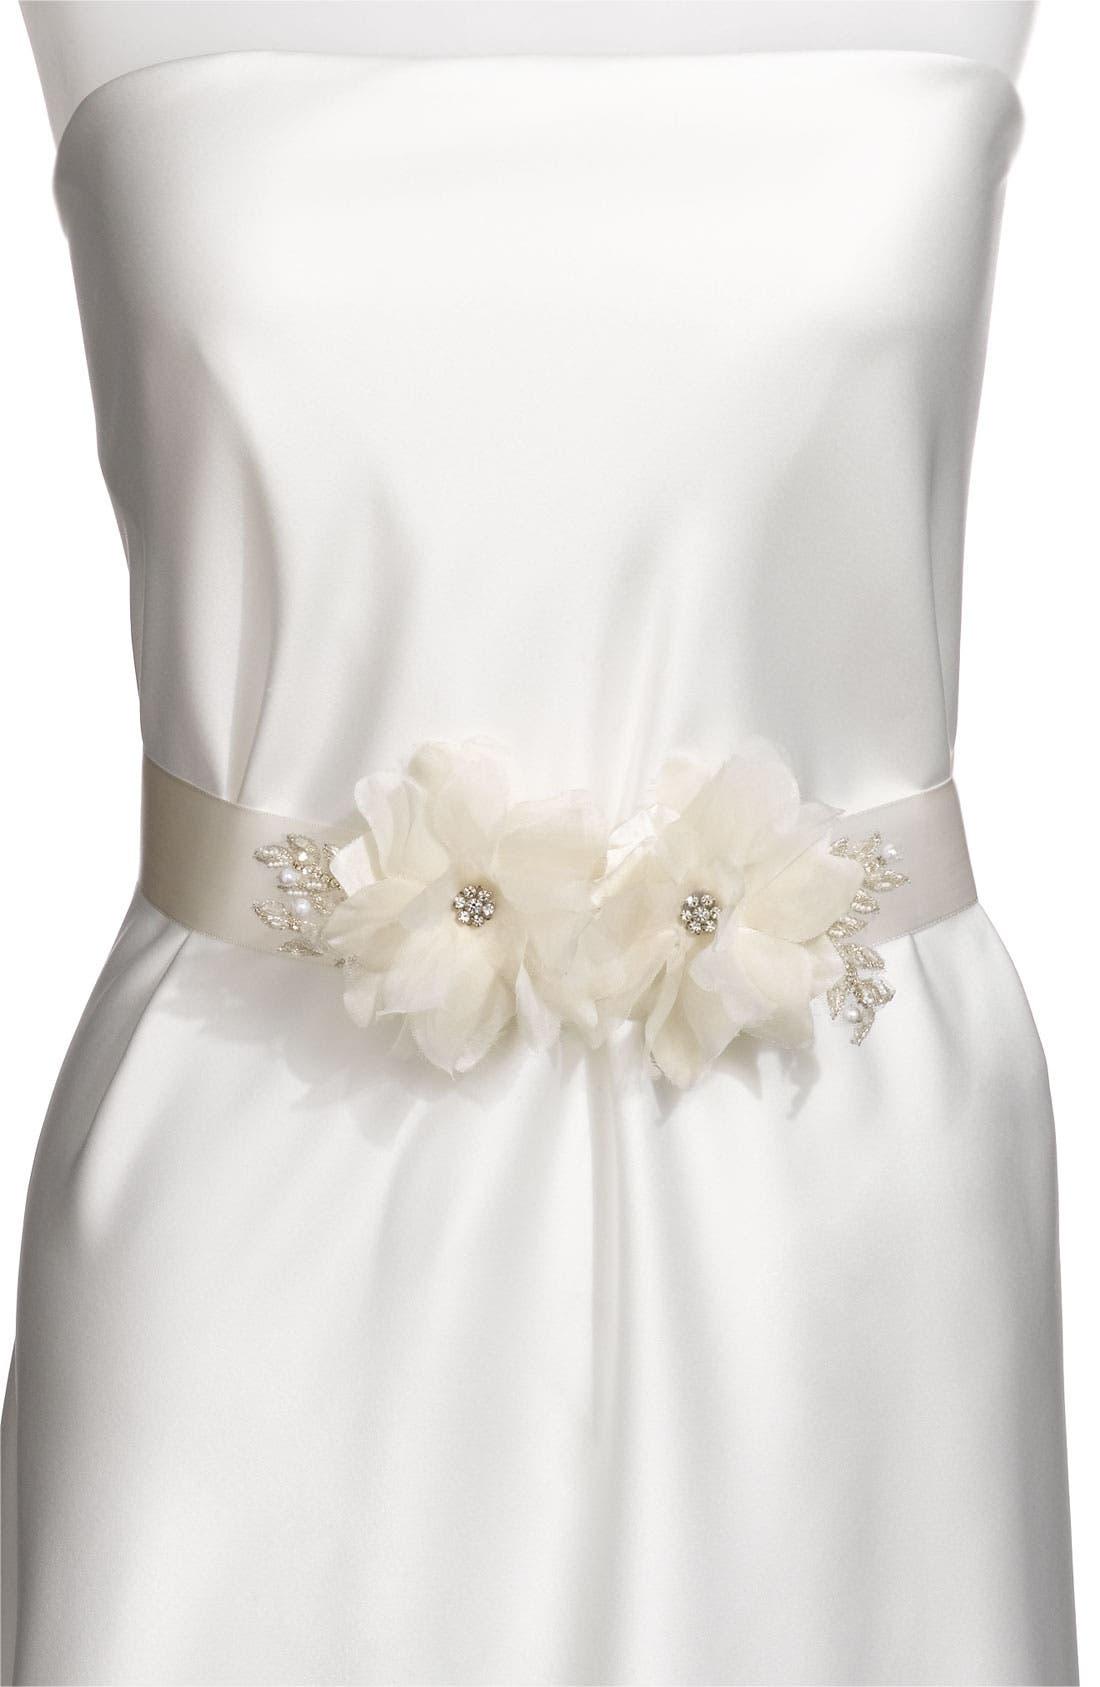 Main Image - Nina Satin Sash & Floral Appliqué Pin